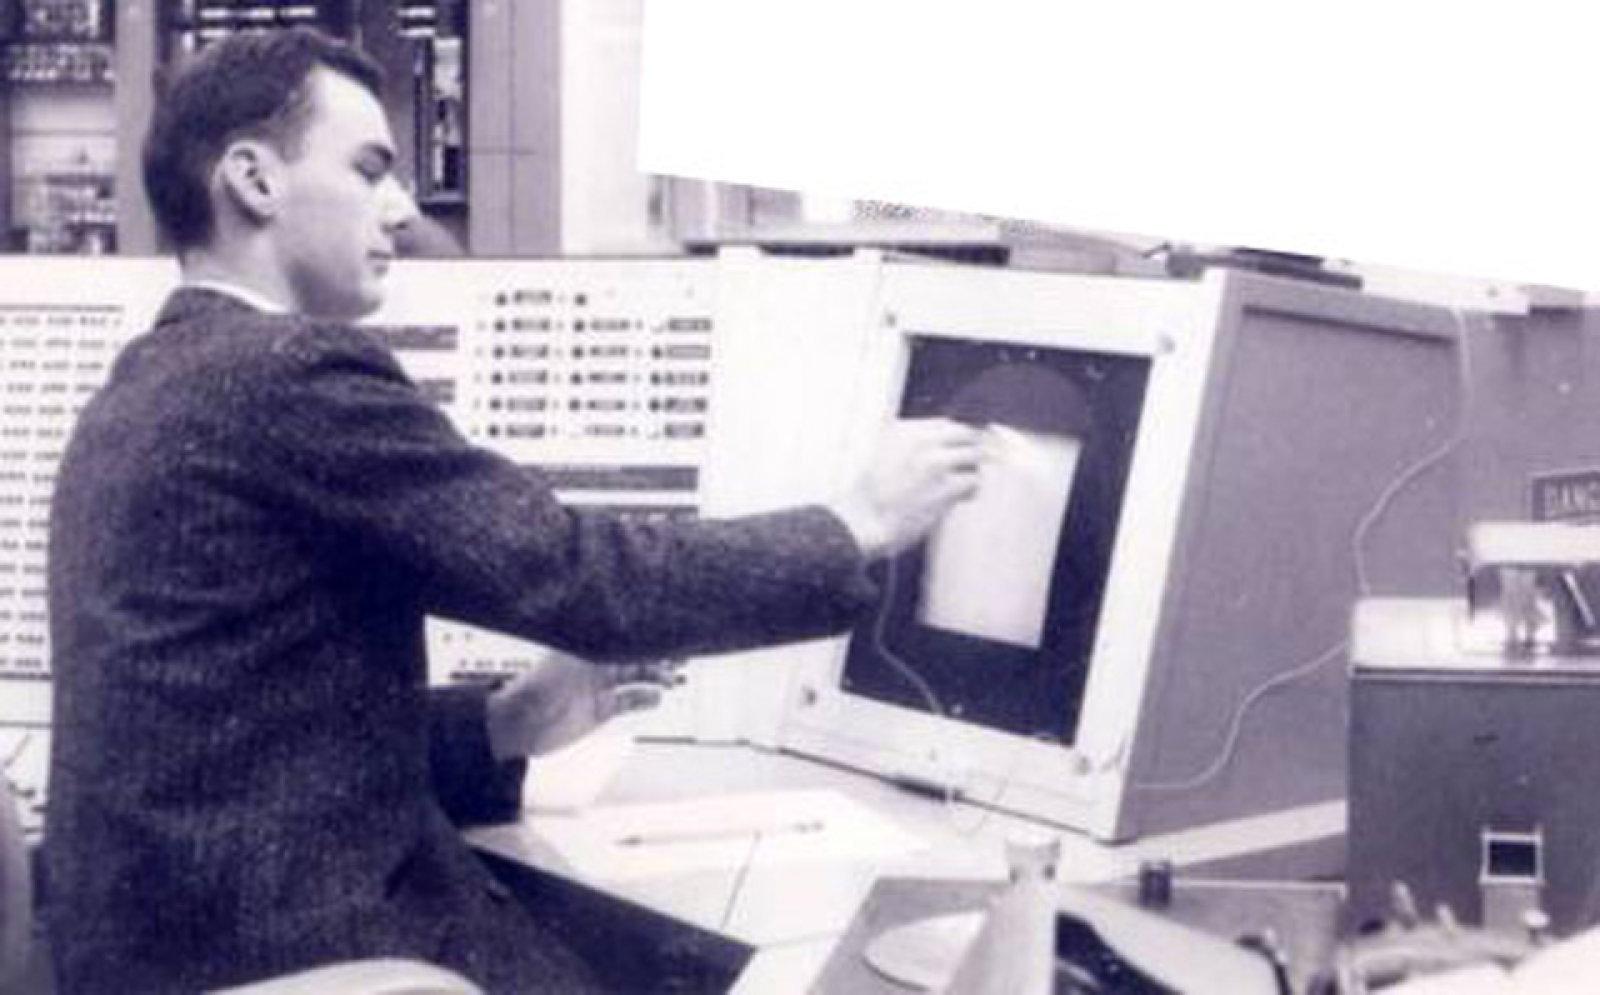 لری رابرتز، یکی از پیشروهای توسعه اینترنت درگذشت